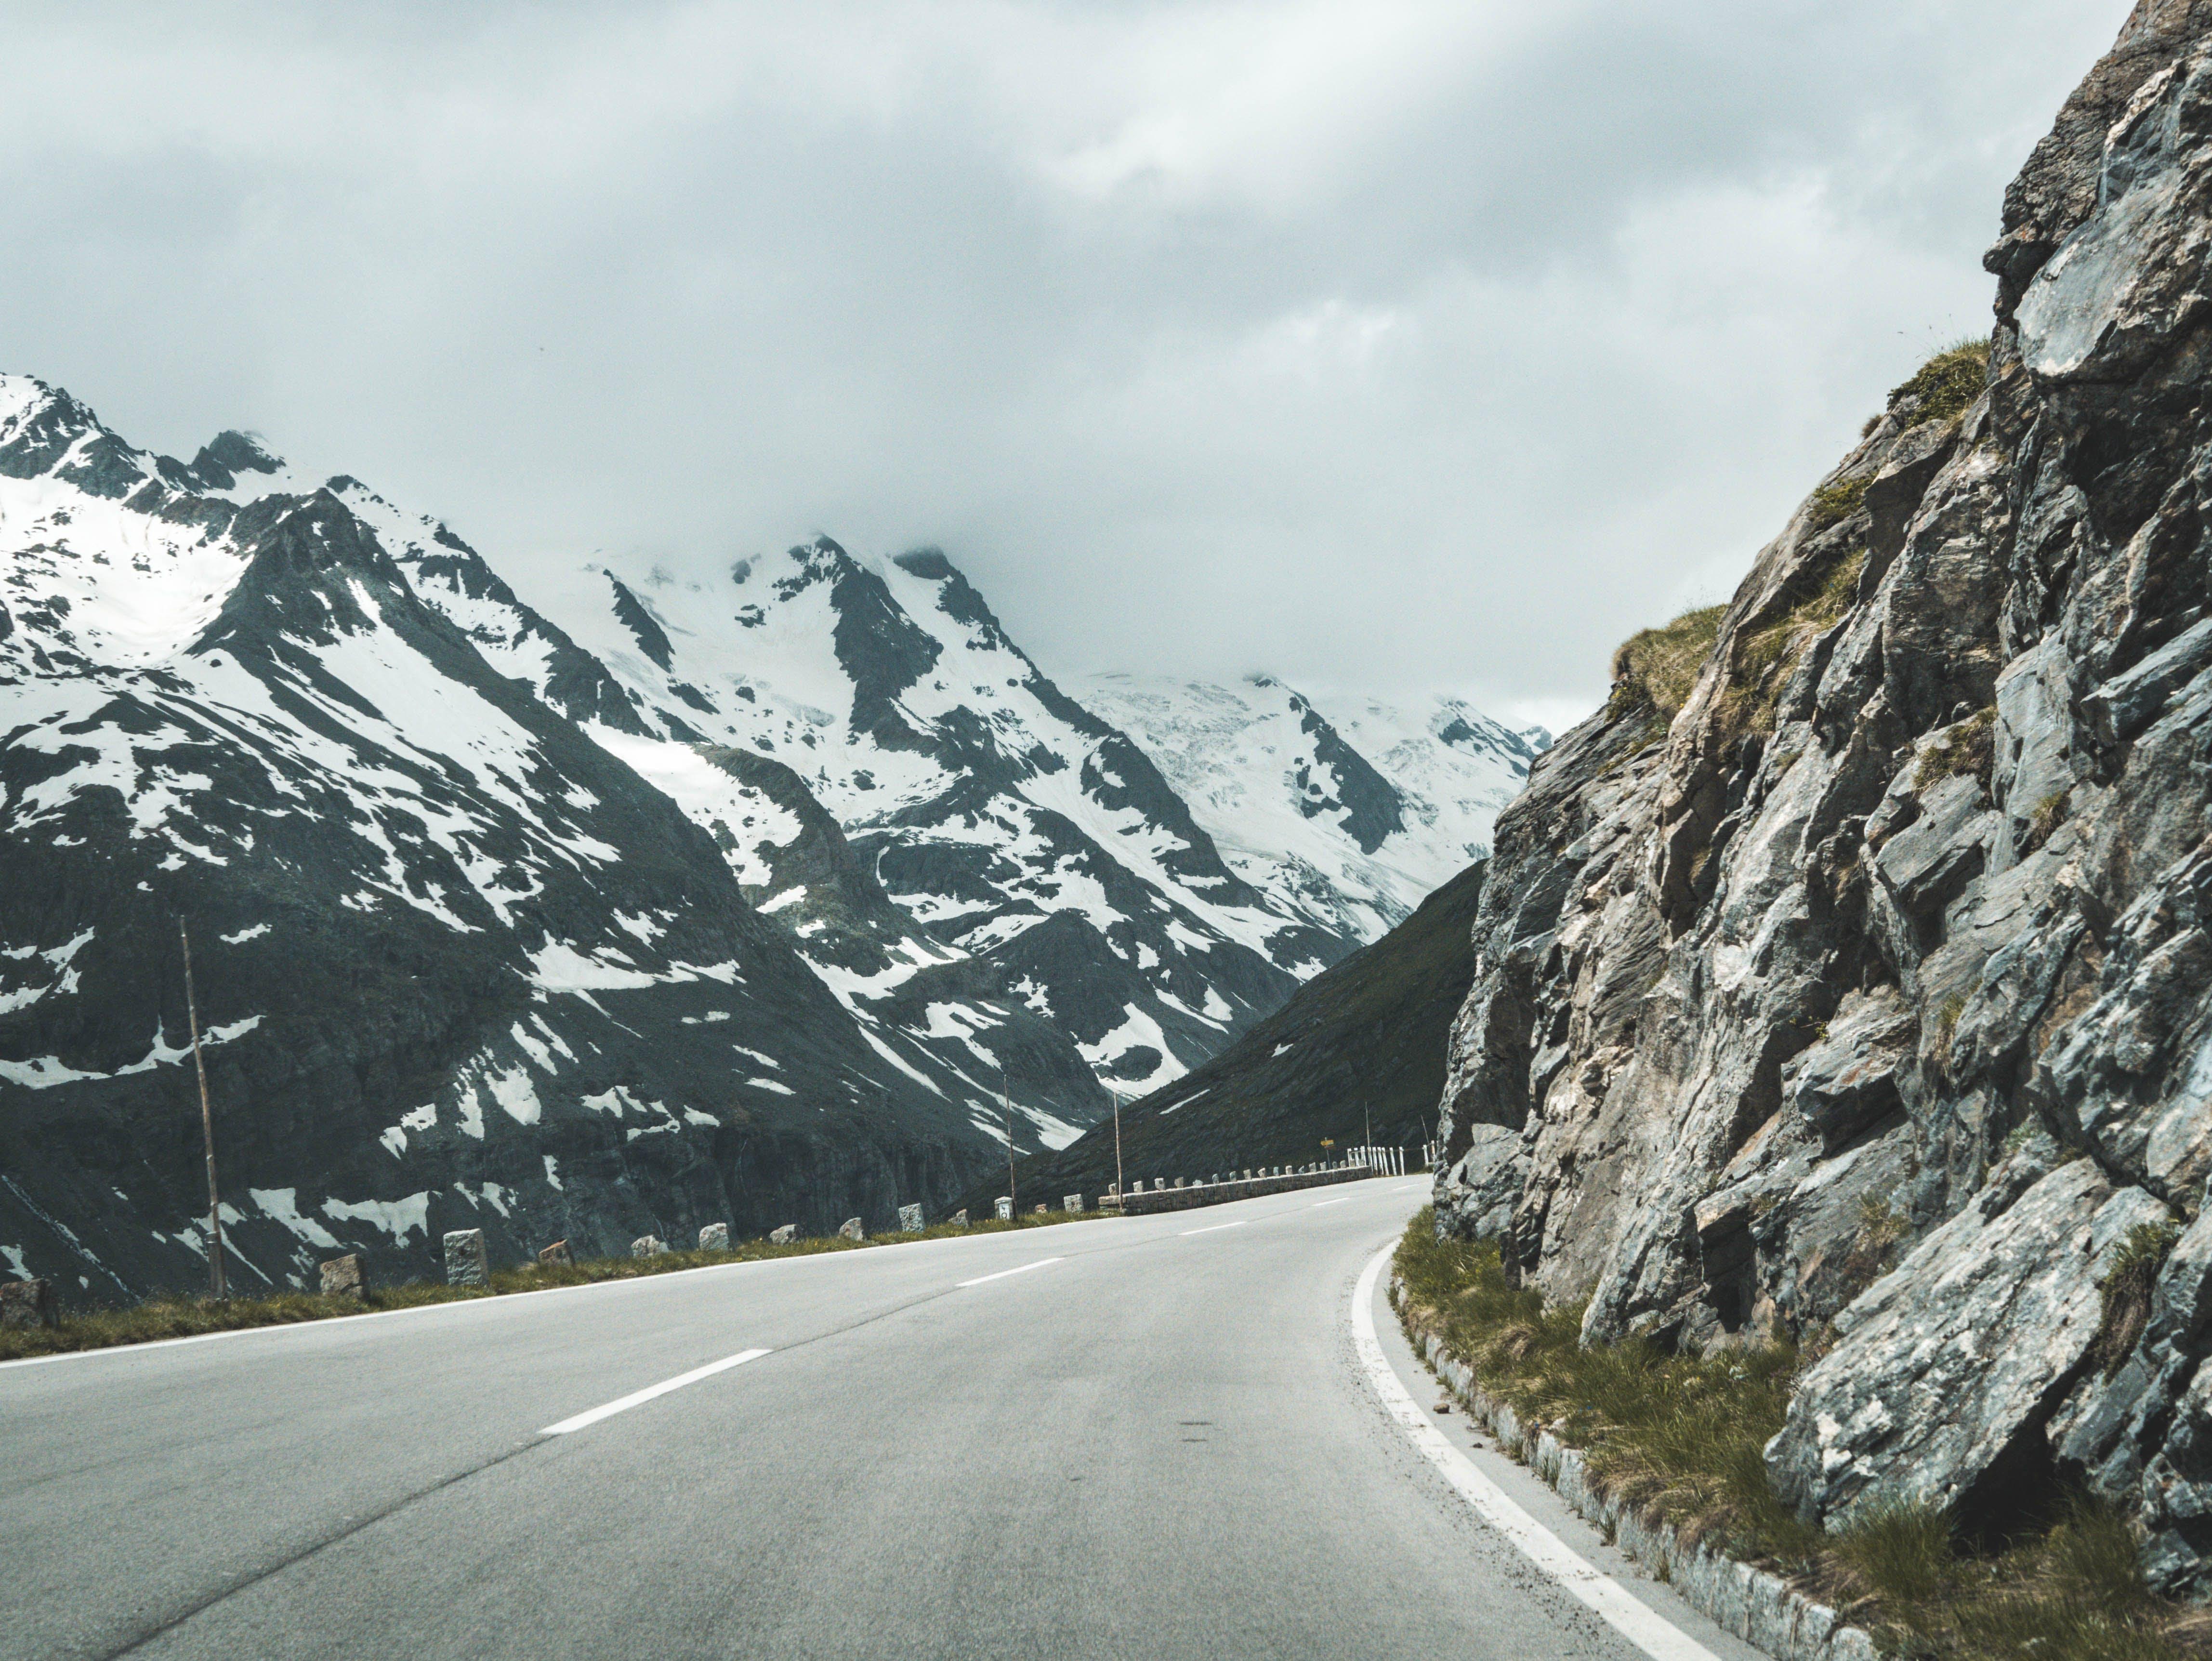 Δωρεάν στοκ φωτογραφιών με αλπικός, Αυστρία, αυτοκινητόδρομος, βουνά